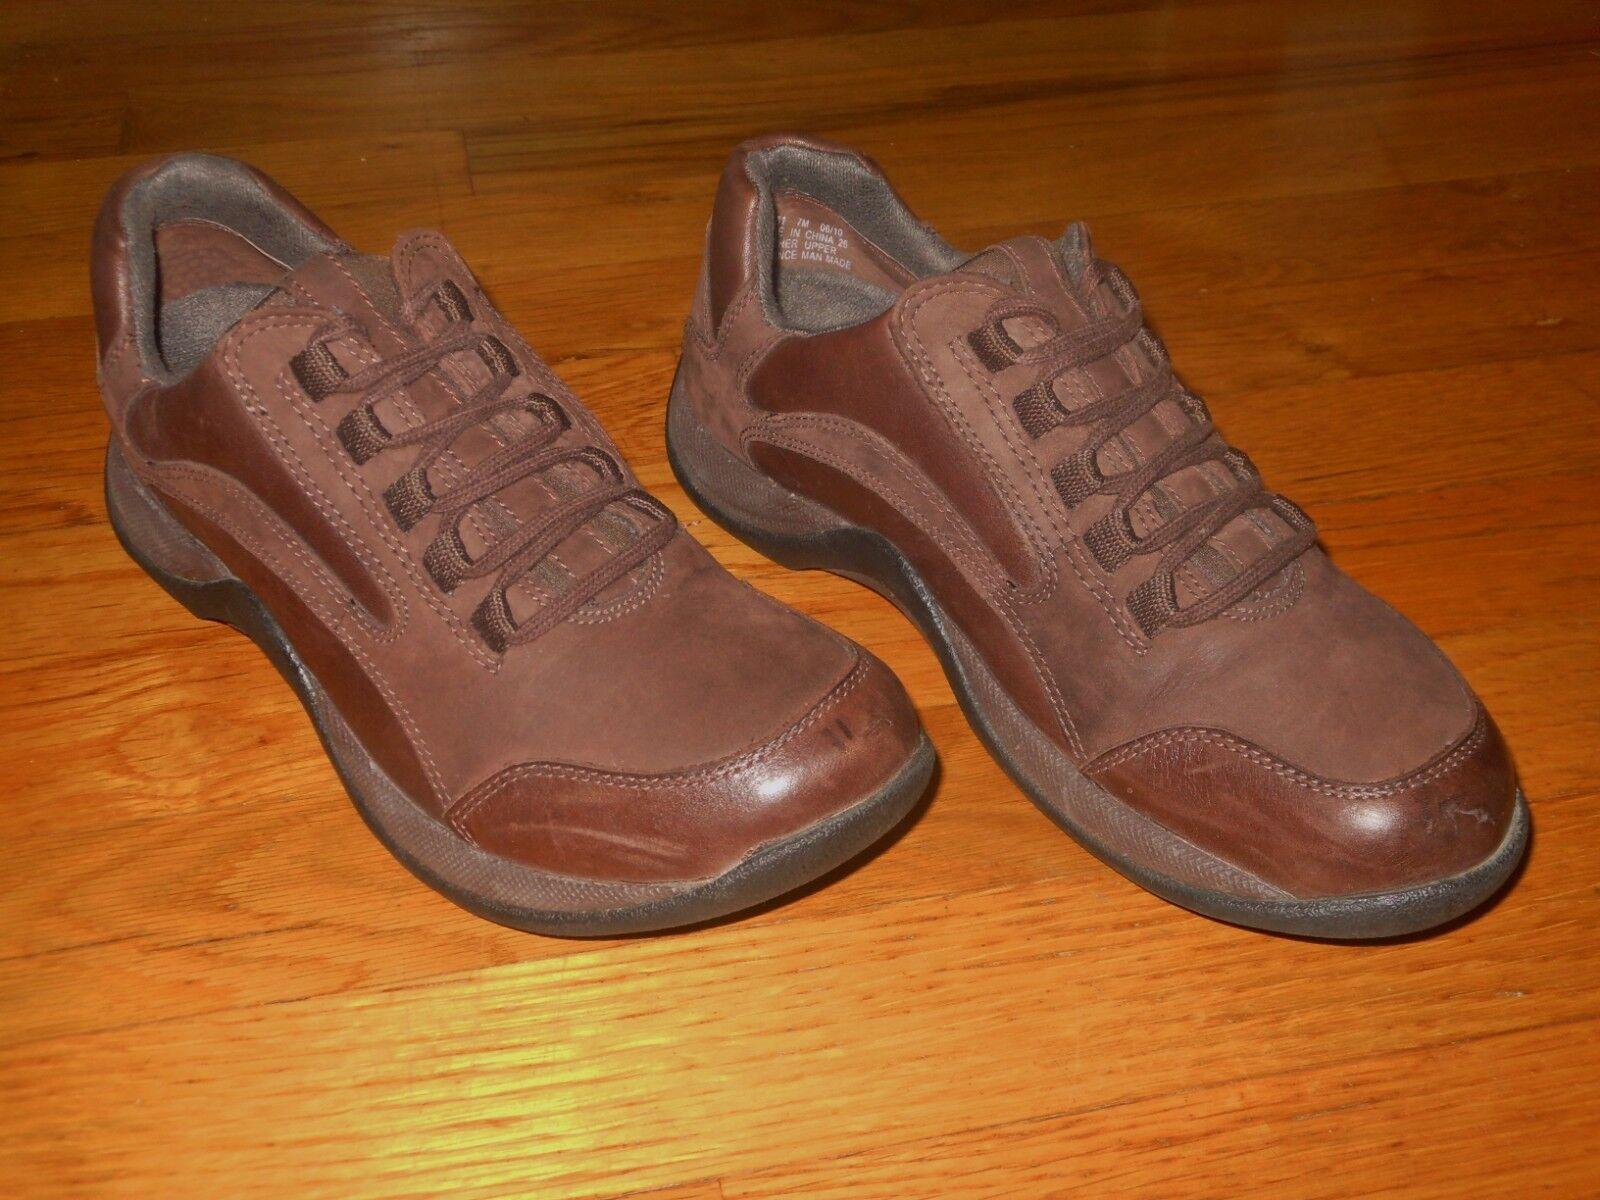 Clarks Springers women's leather walking shoes  Sz 7 M  Excellent condition